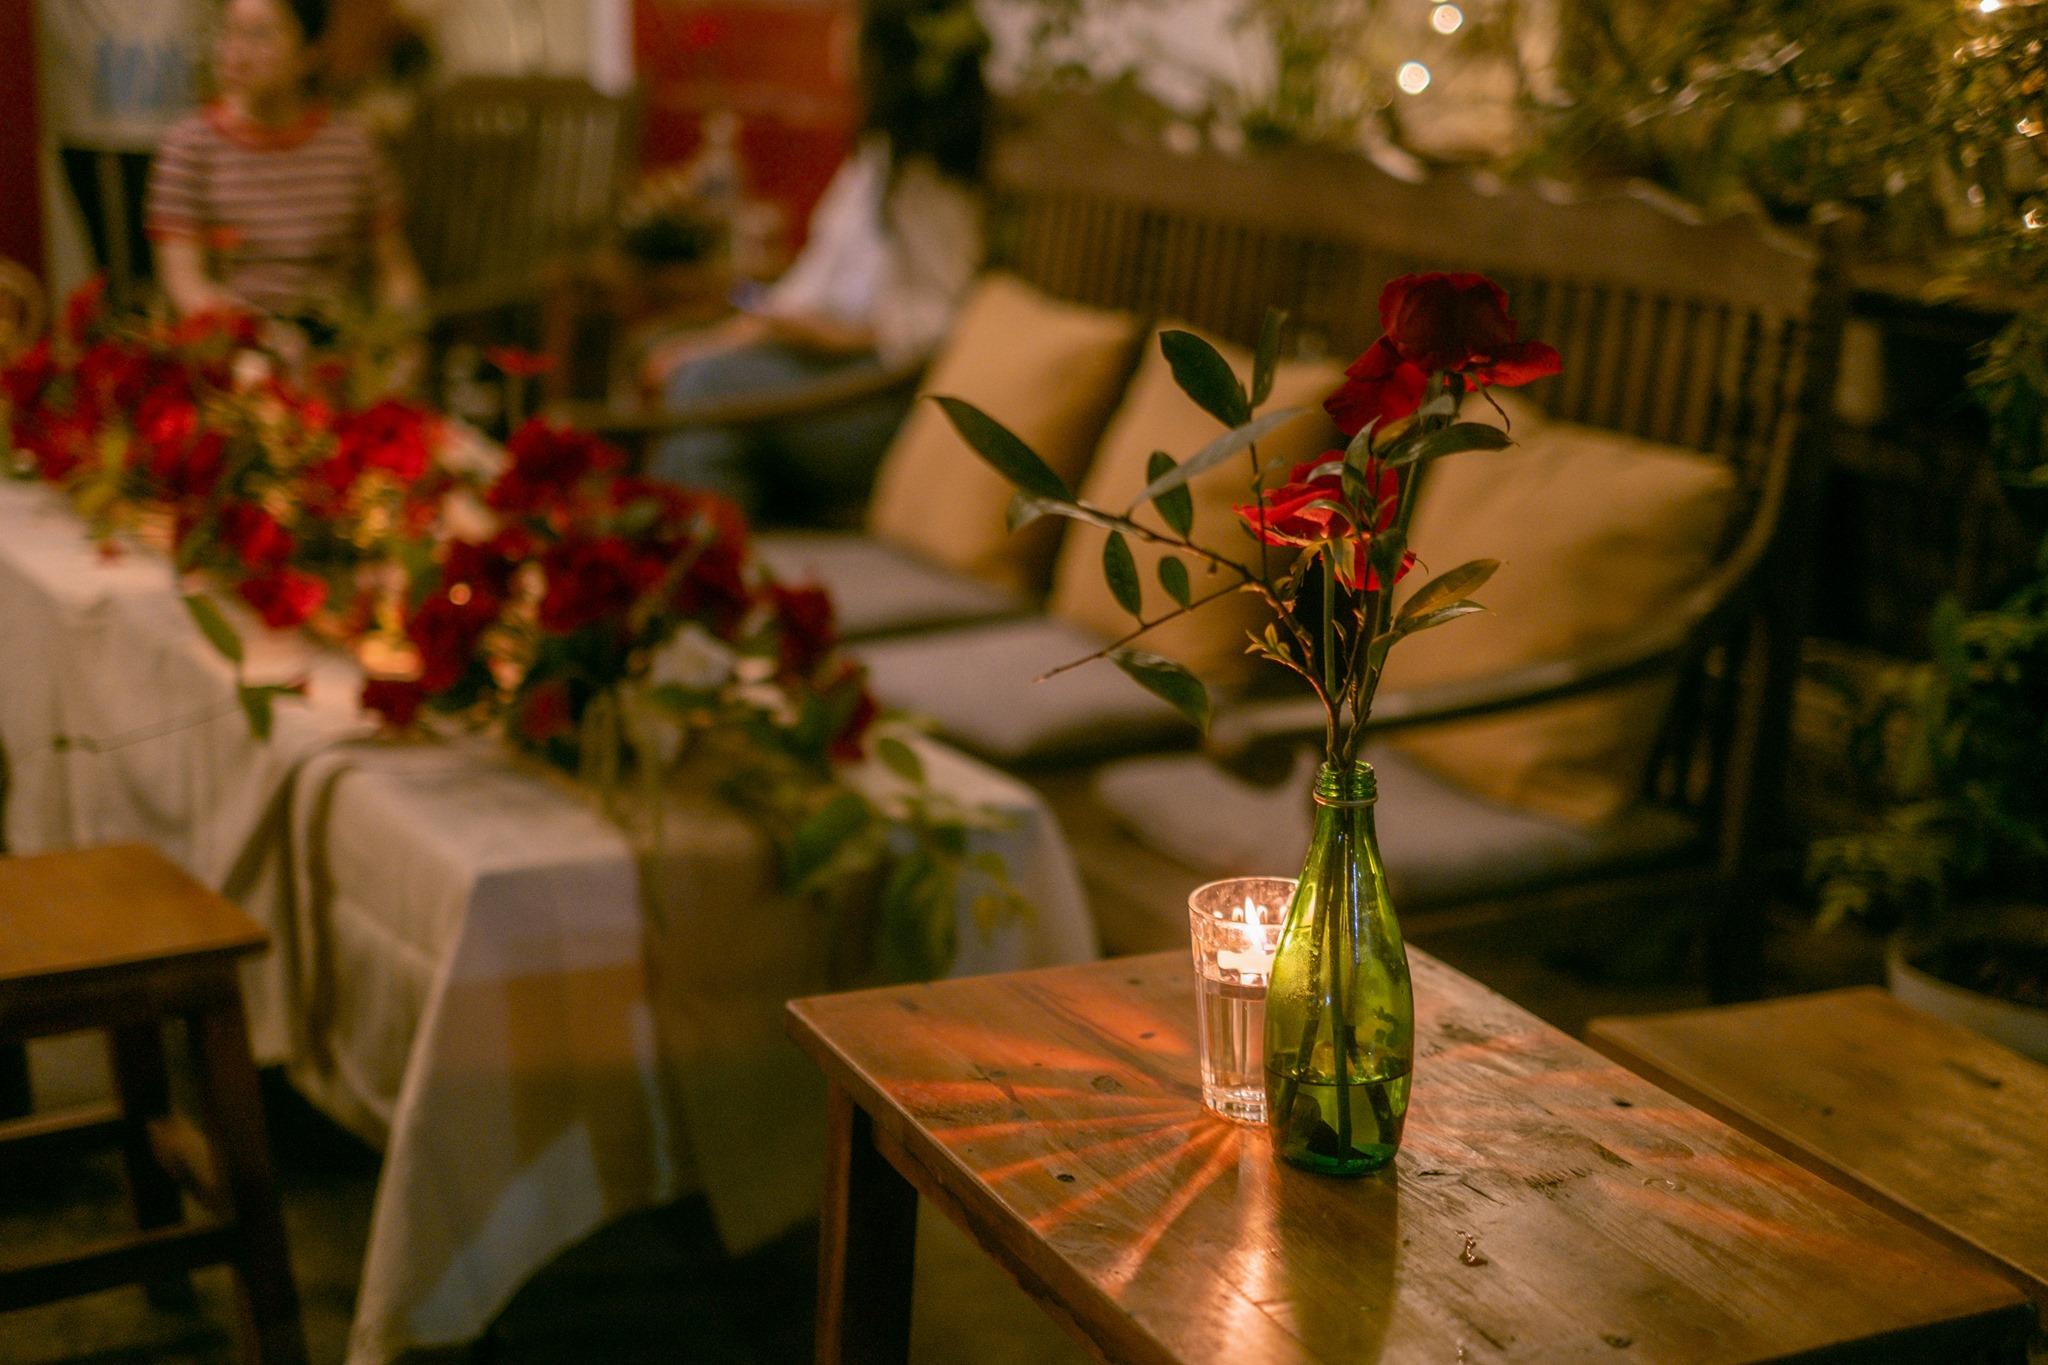 Dịp 20/10, đừng quên rủ nàng đến một trong những địa chỉ cafe lãng mạn ngay dưới đây tại Hà Nội - Ảnh 14.